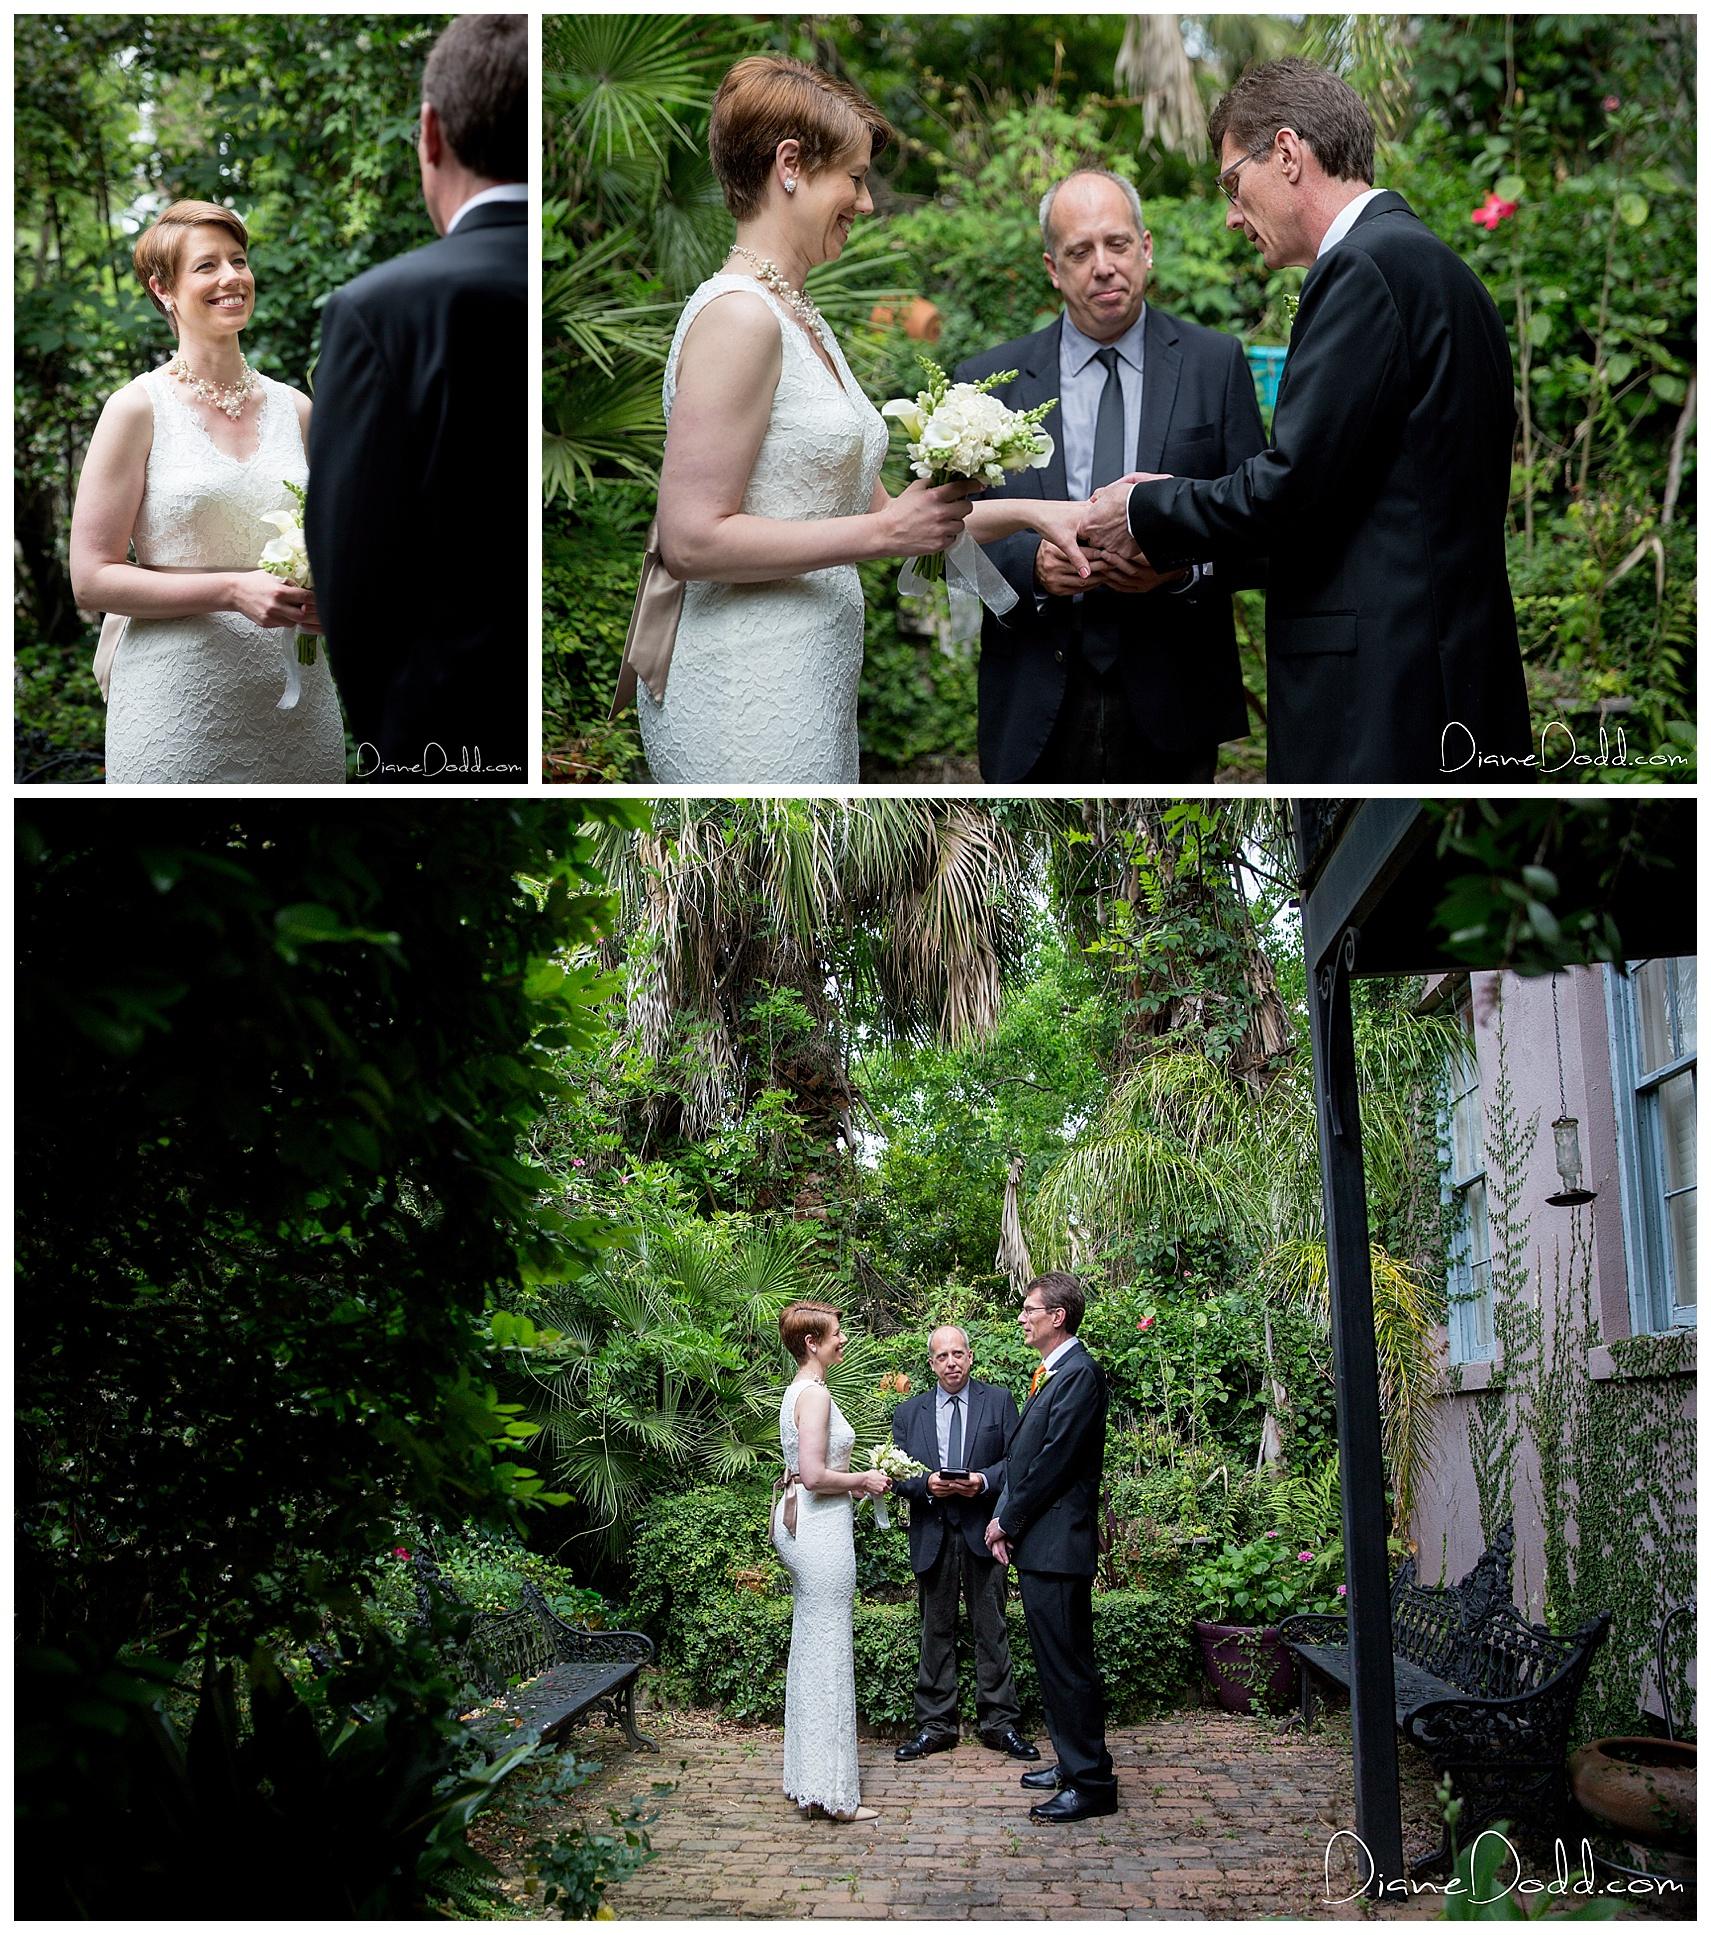 dresser-palmer-elopement-1.jpg